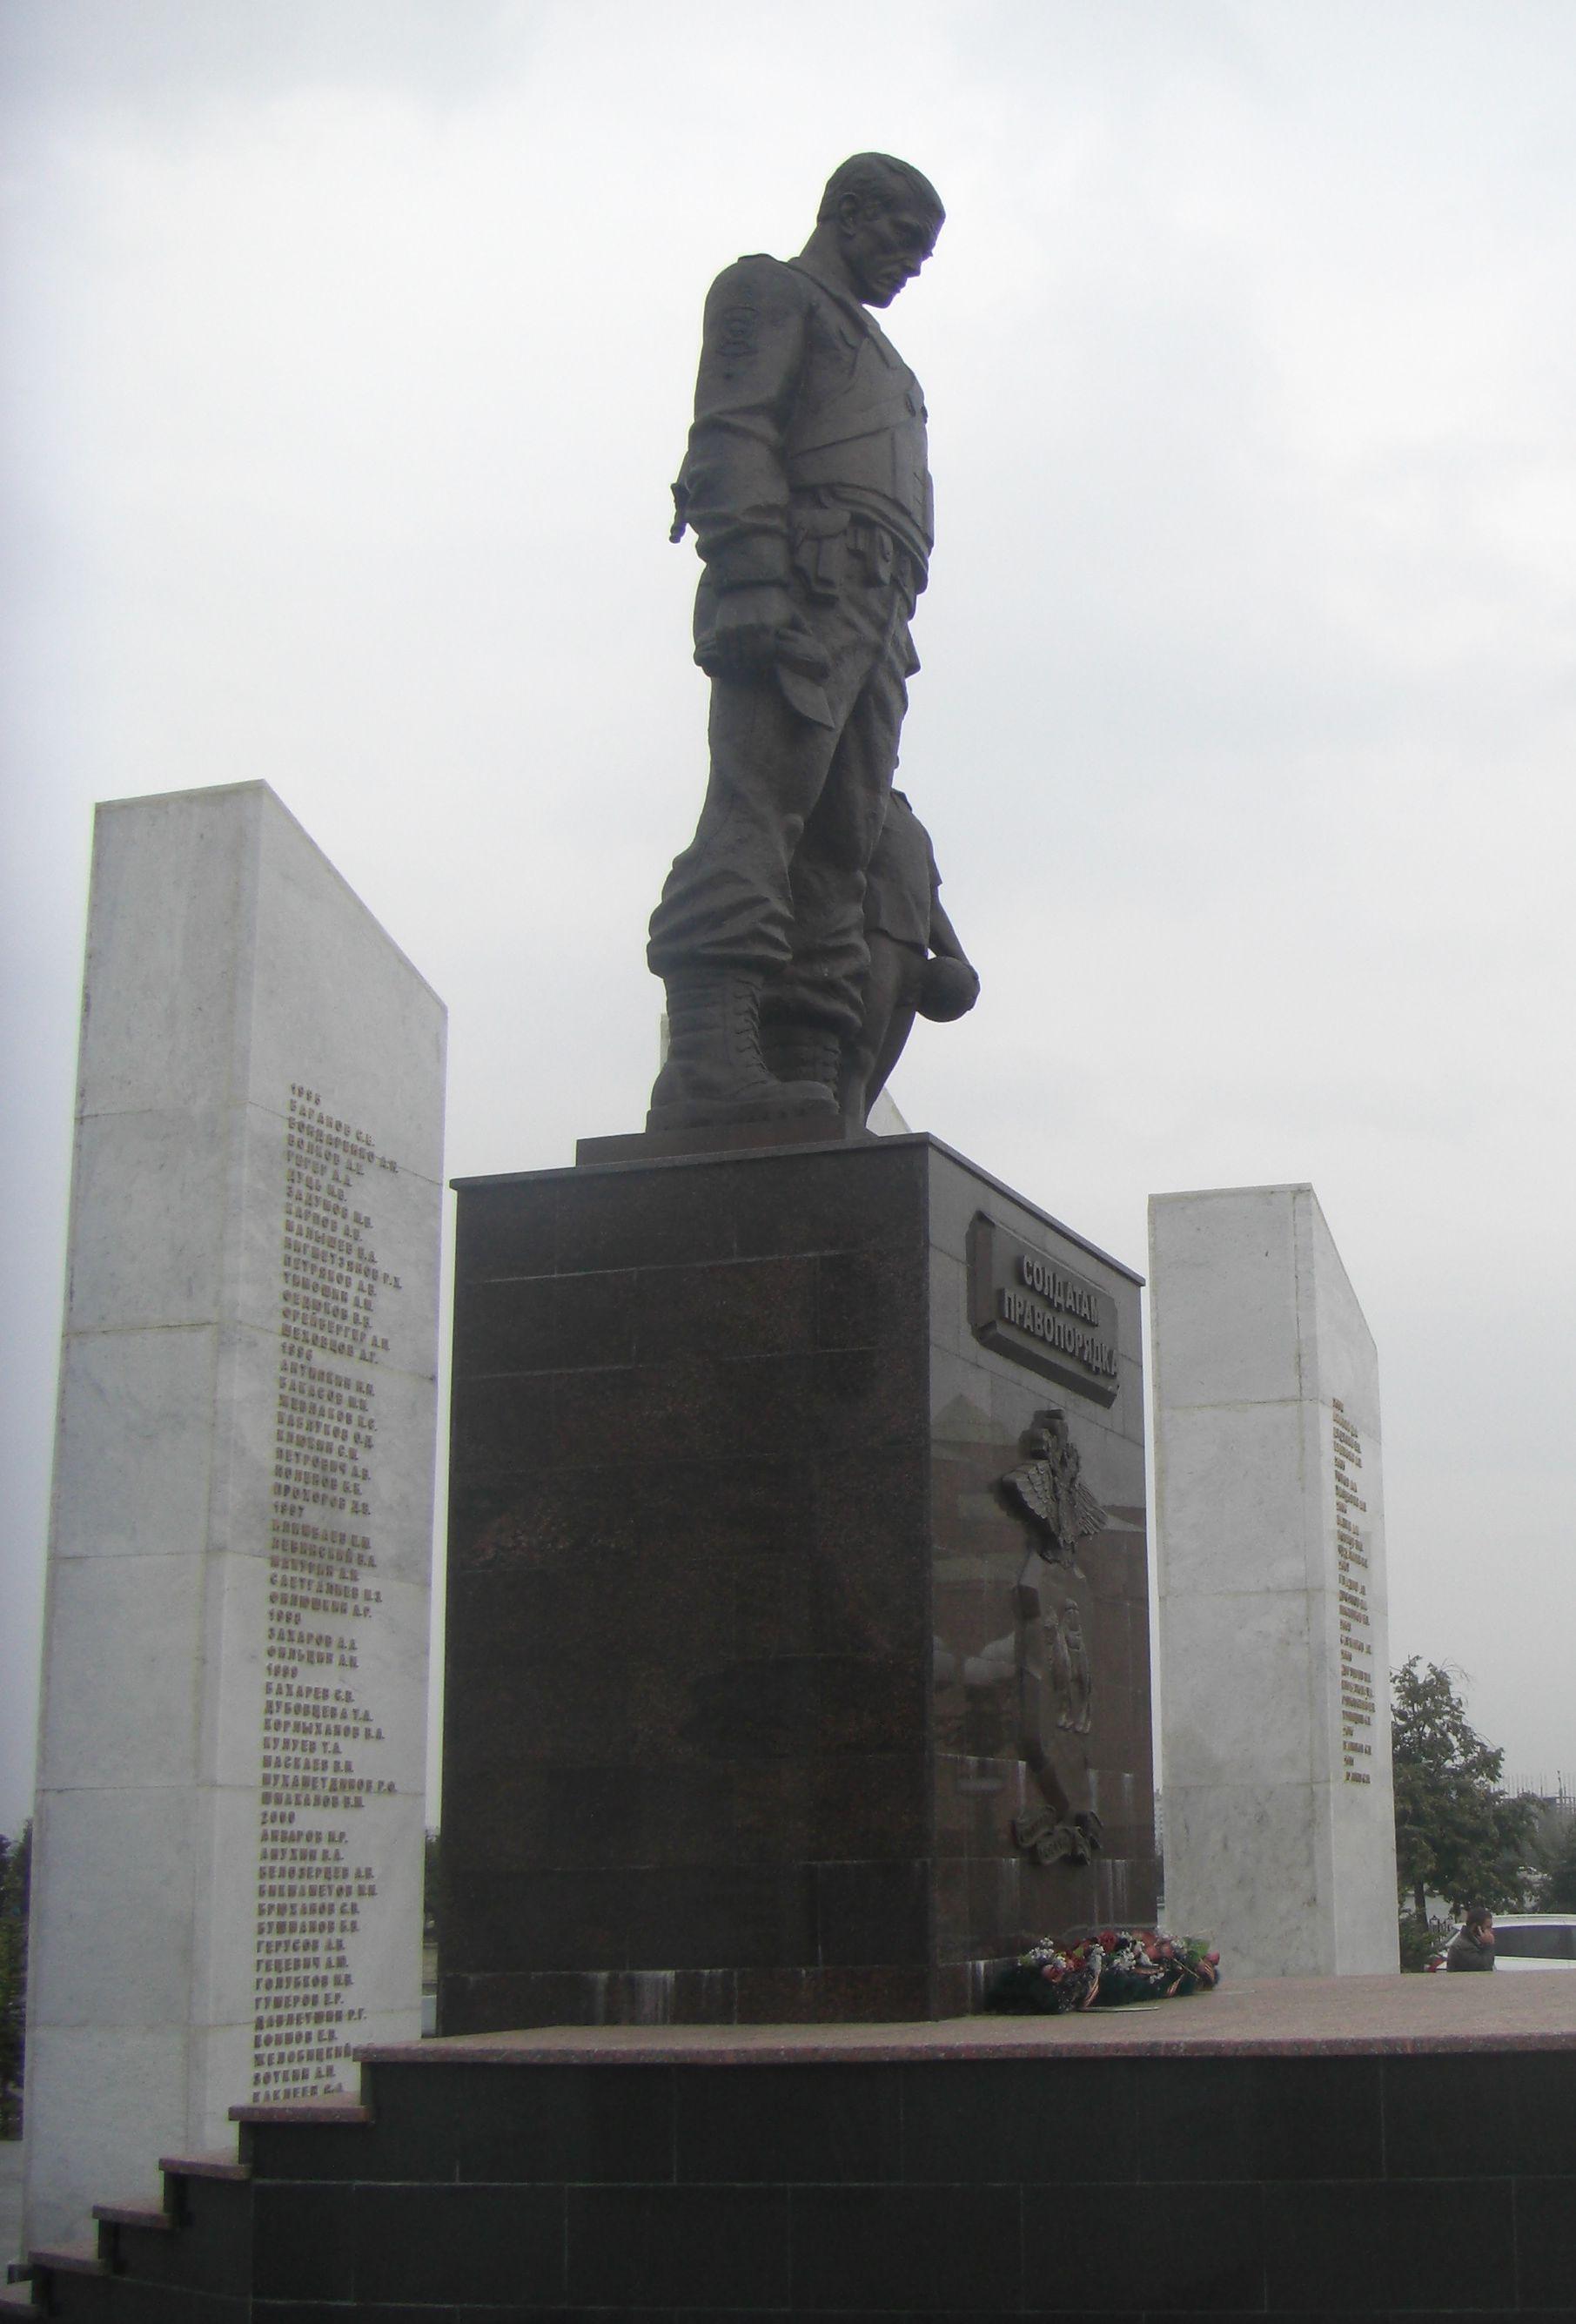 Боковой вид на памятник (26.05.2015)